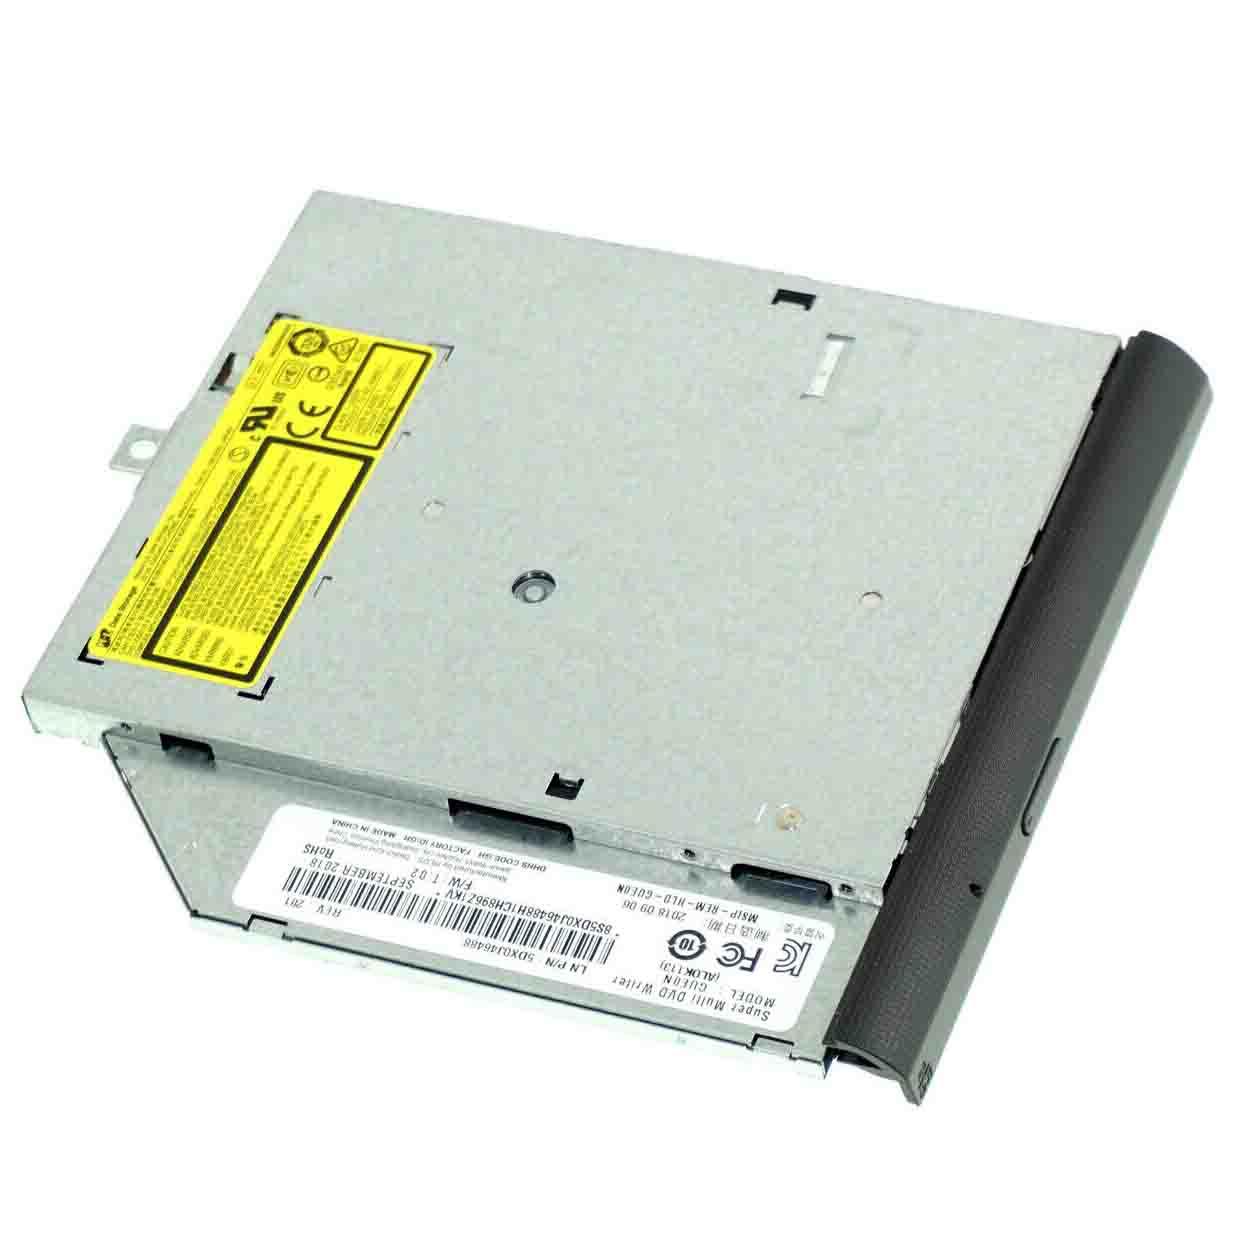 Gravador Leitor Dvd Notebook Lenovo PN: 5dx0j46488 - Retirado